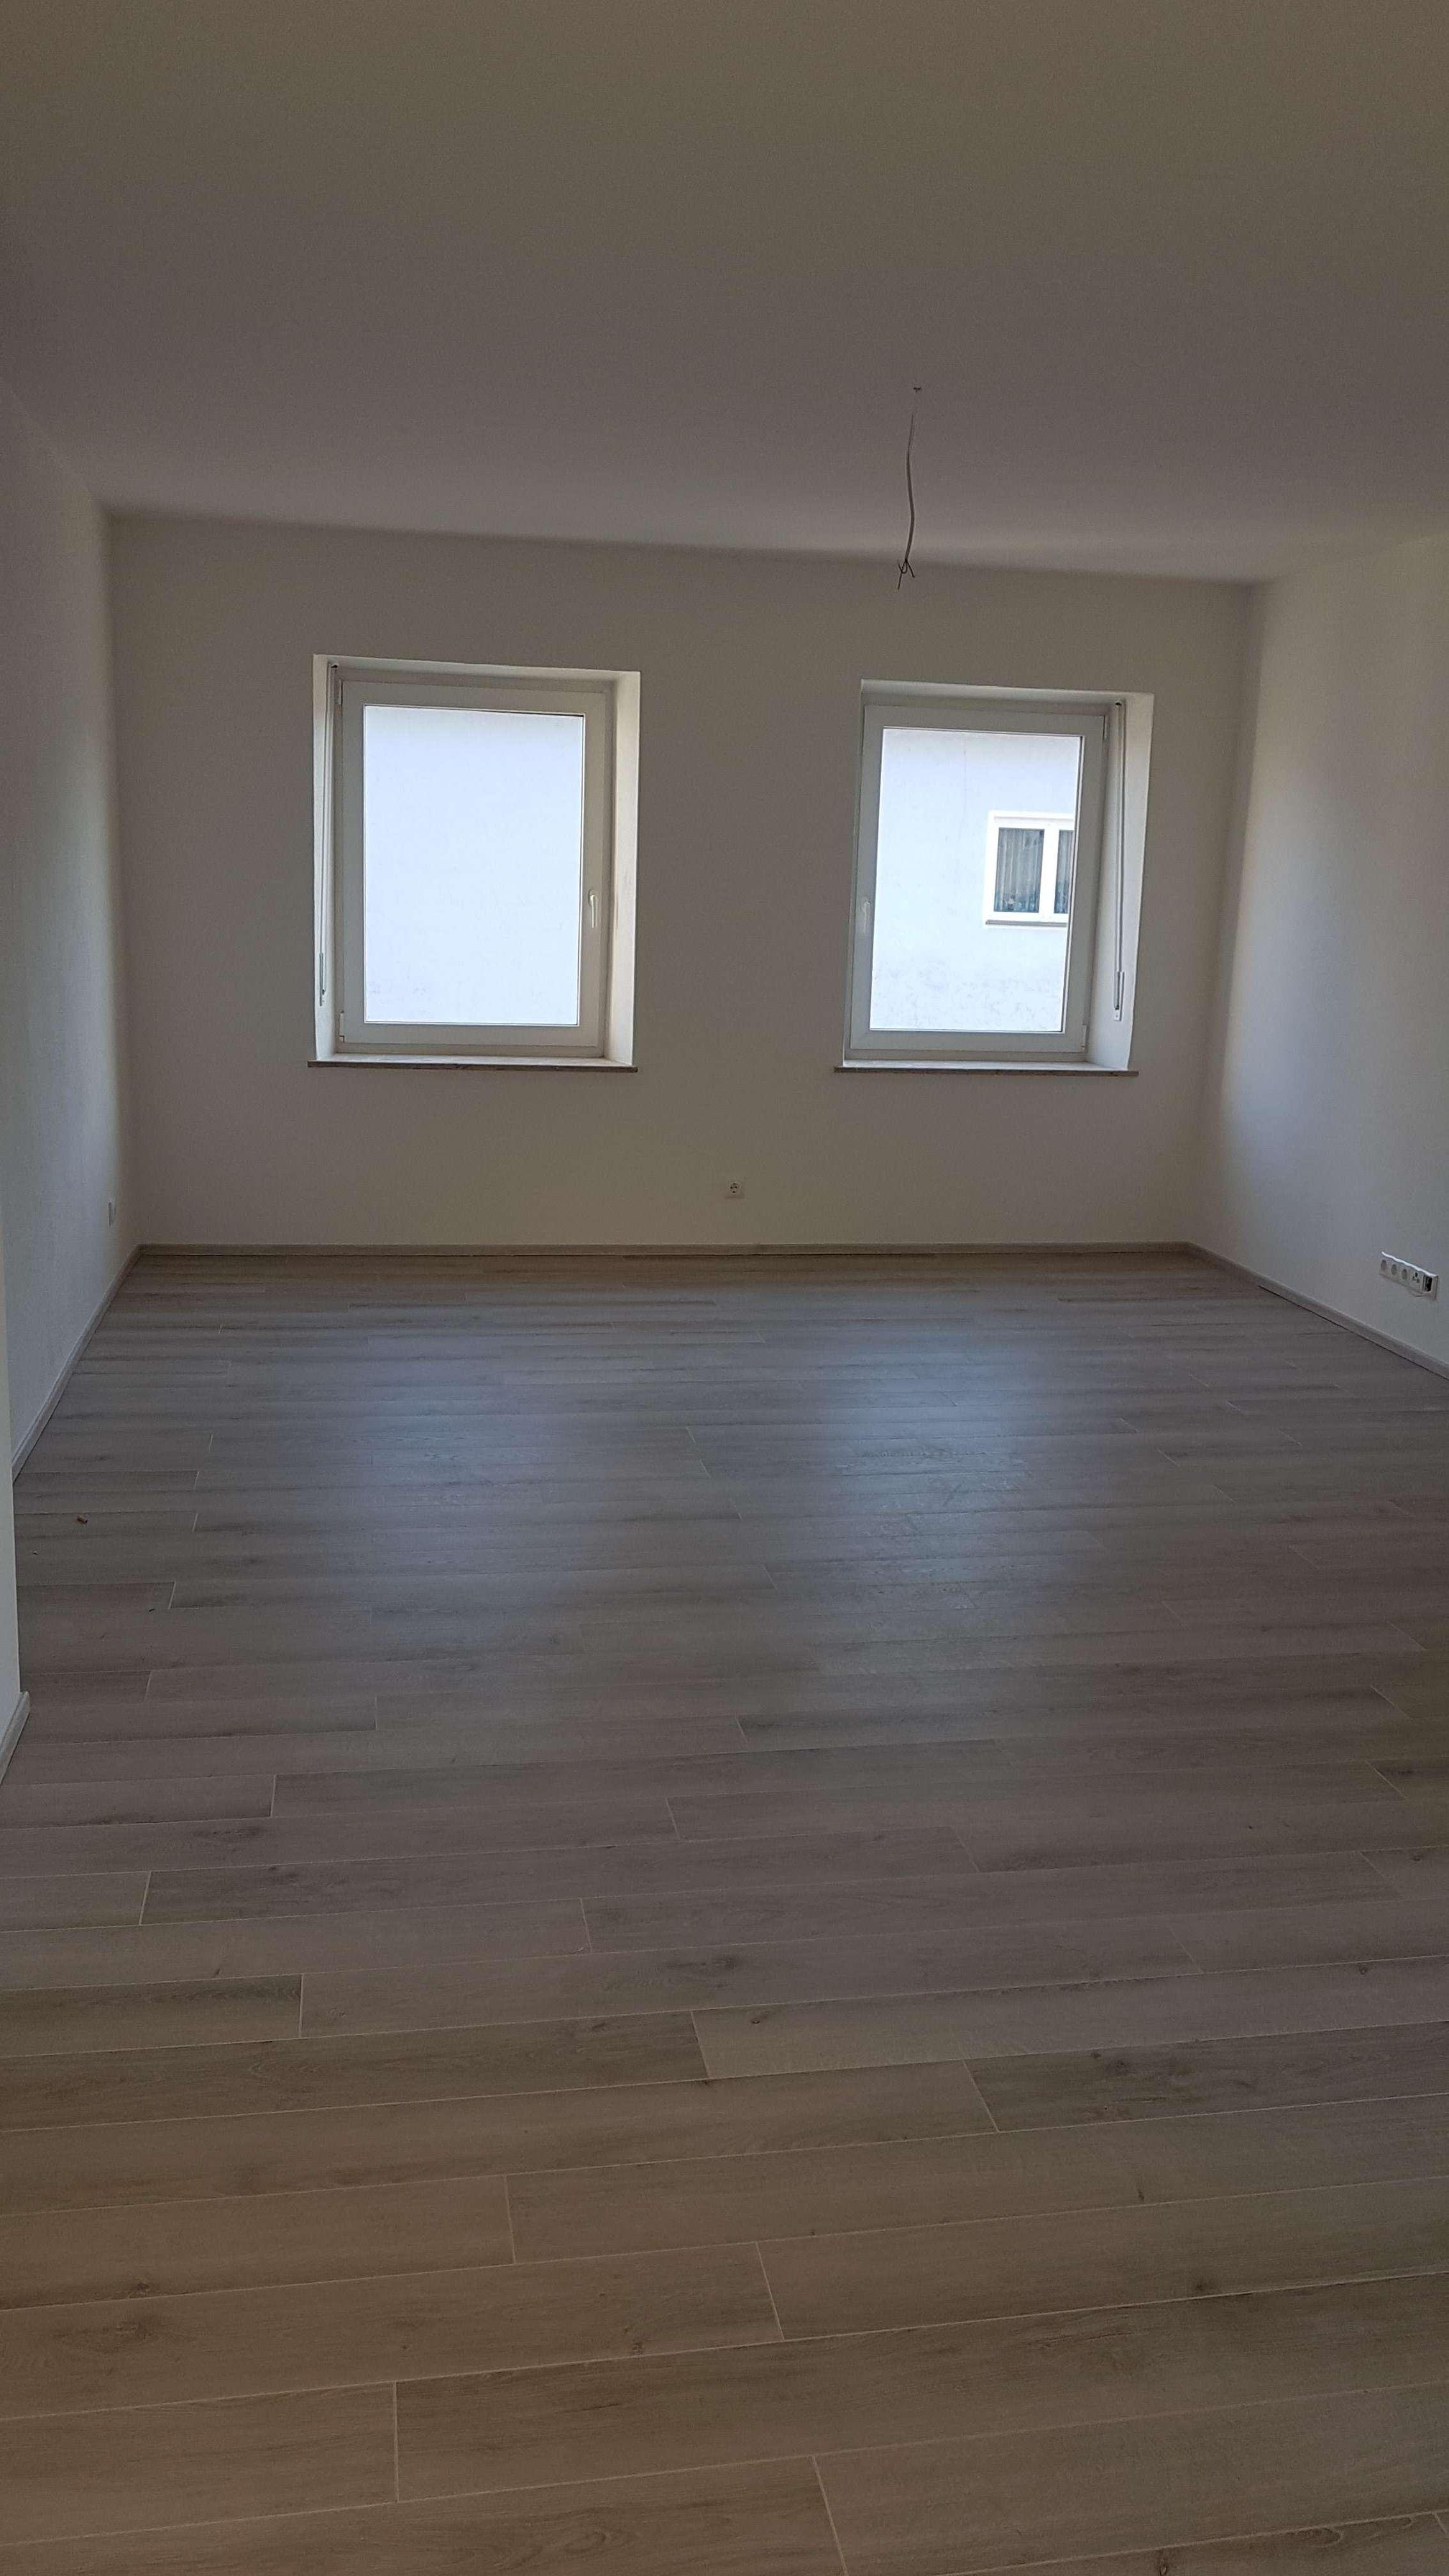 Neu sanierte Wohnung in 85098 Großmehring / Theißing zu vermieten. Erstbezug!!! in